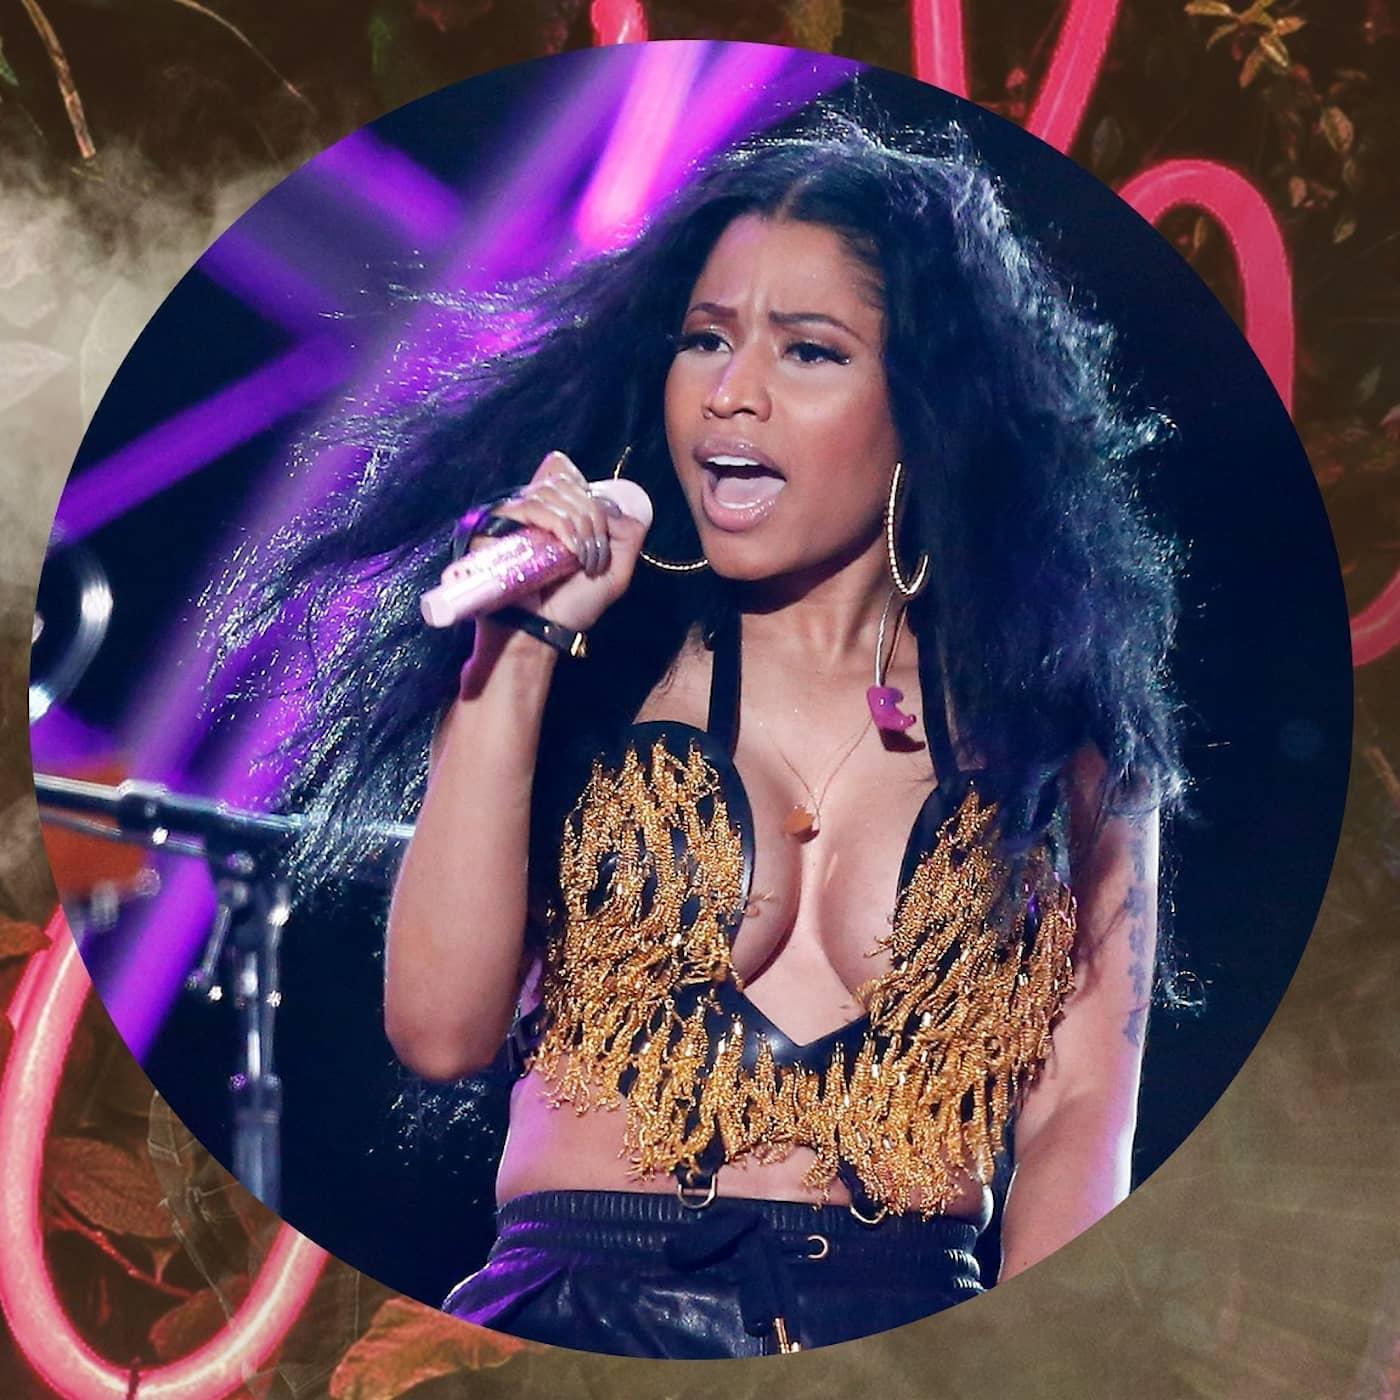 Nicki Minaj - Älskad, hatad, alltid omtalad.